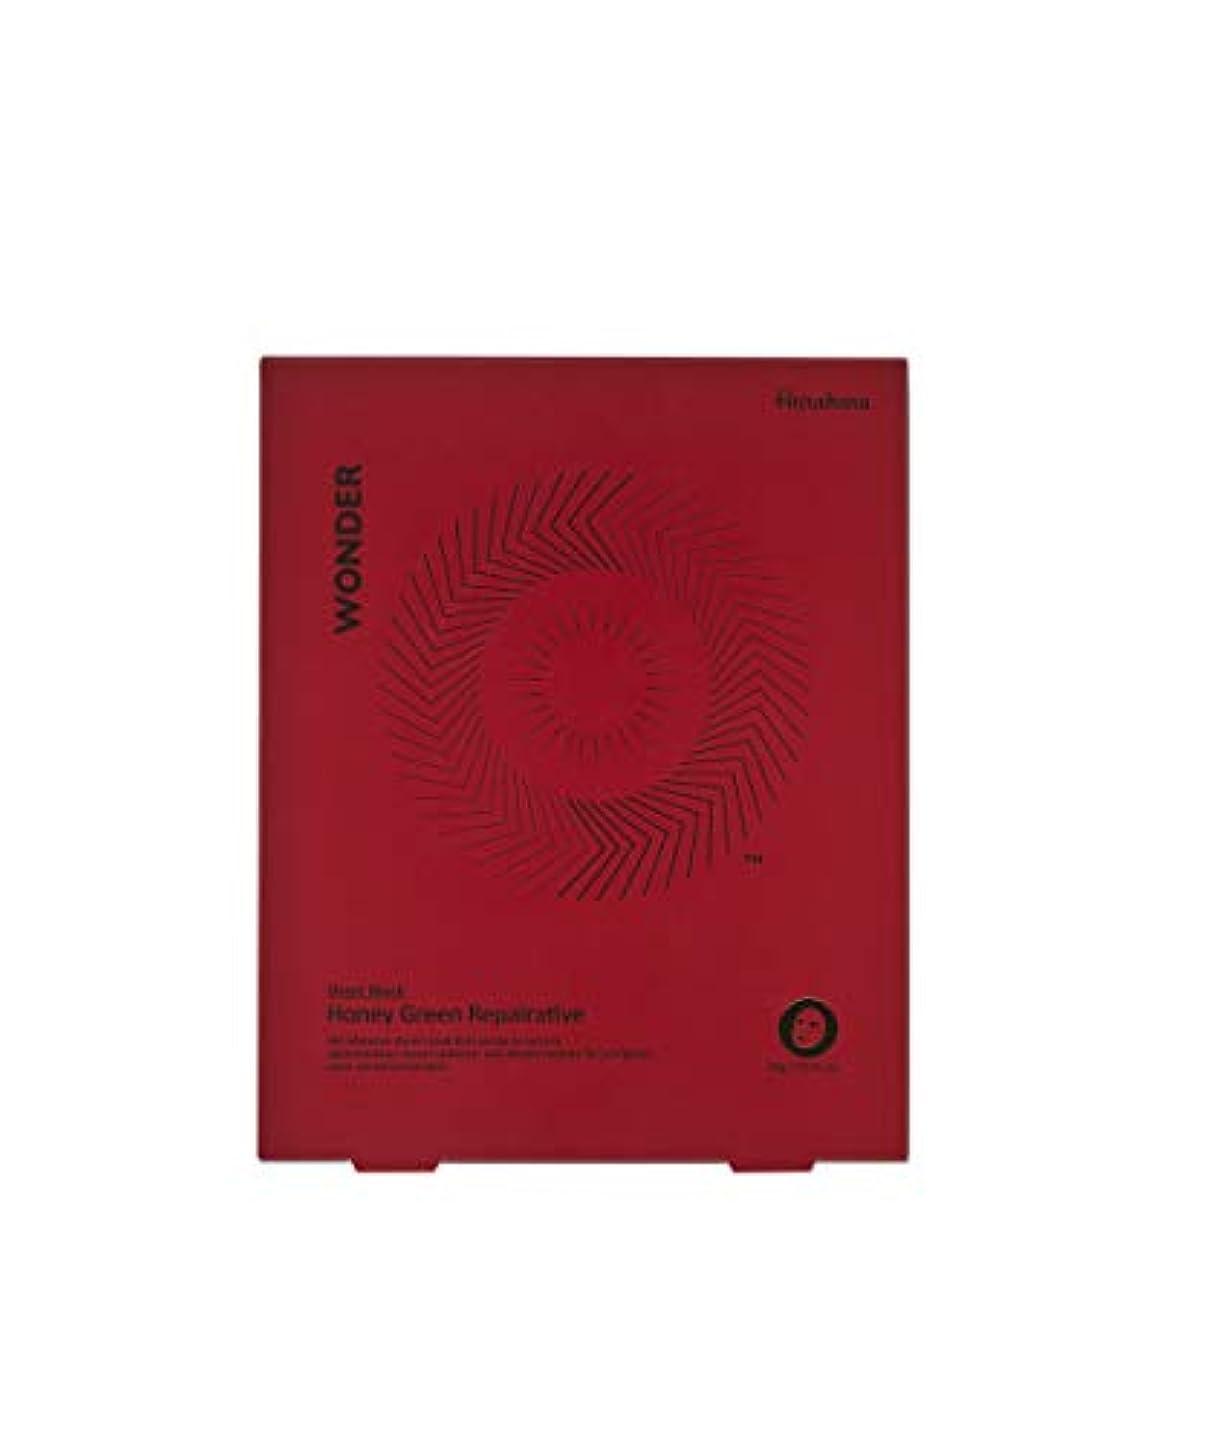 分離脈拍草Haruharu(ハルハル) ハルハルワンダー HGRマスク(5枚入り) フェイスパック 25ml×5枚